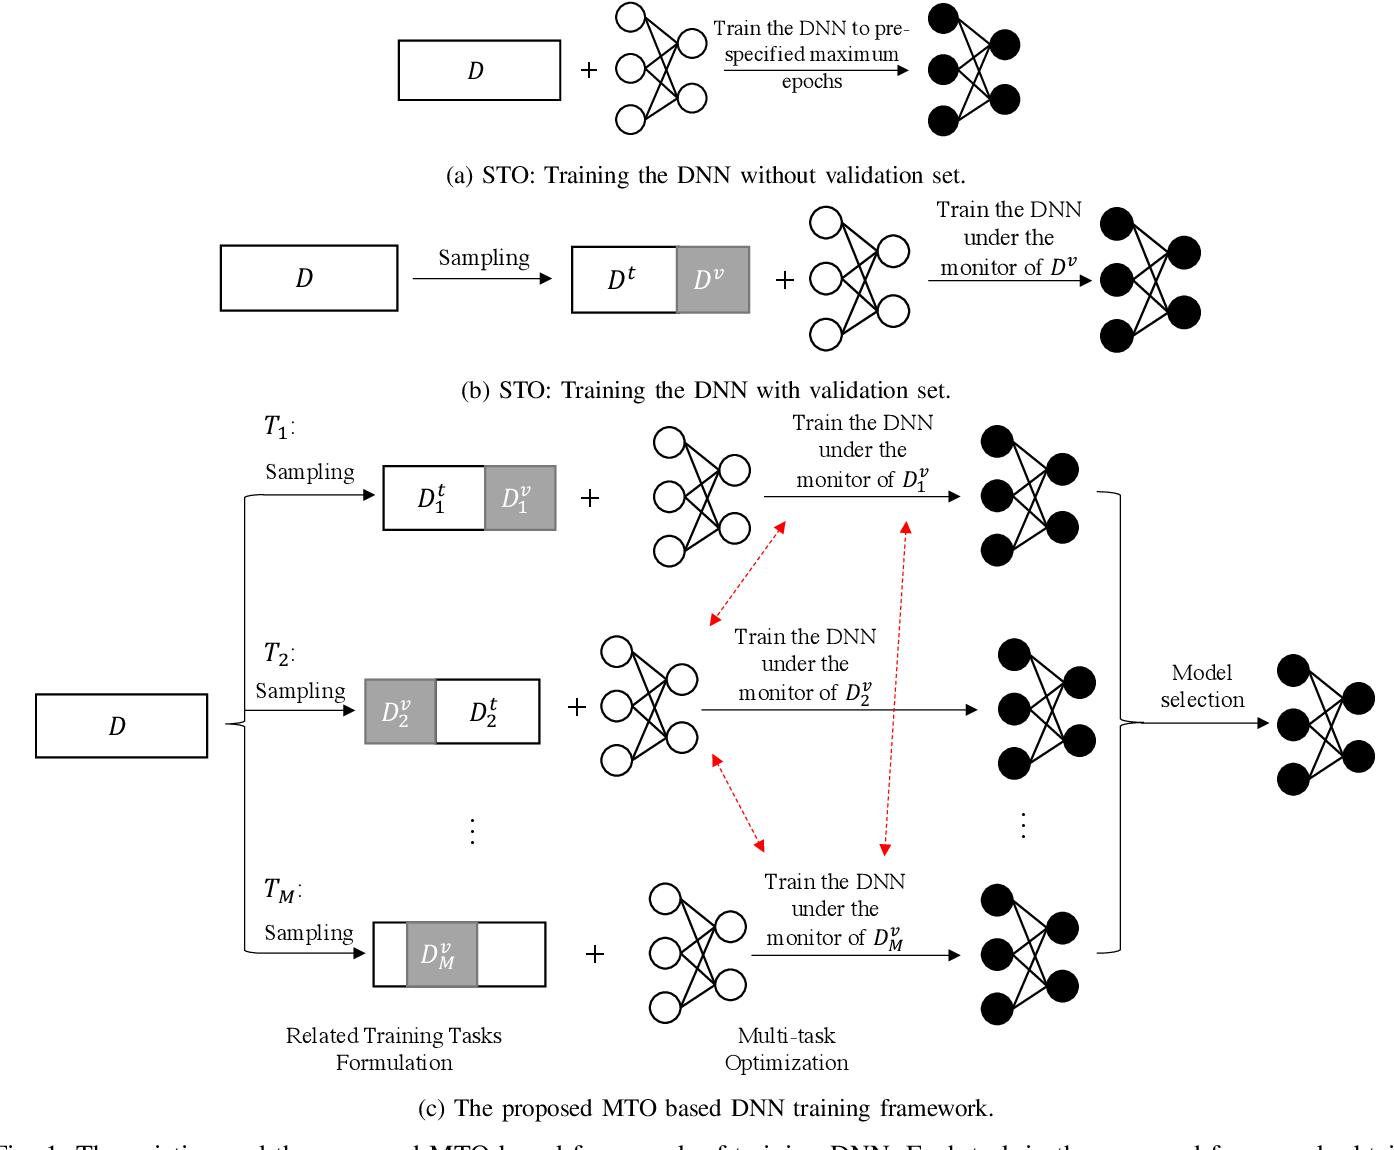 Figure 1 for A Novel DNN Training Framework via Data Sampling and Multi-Task Optimization